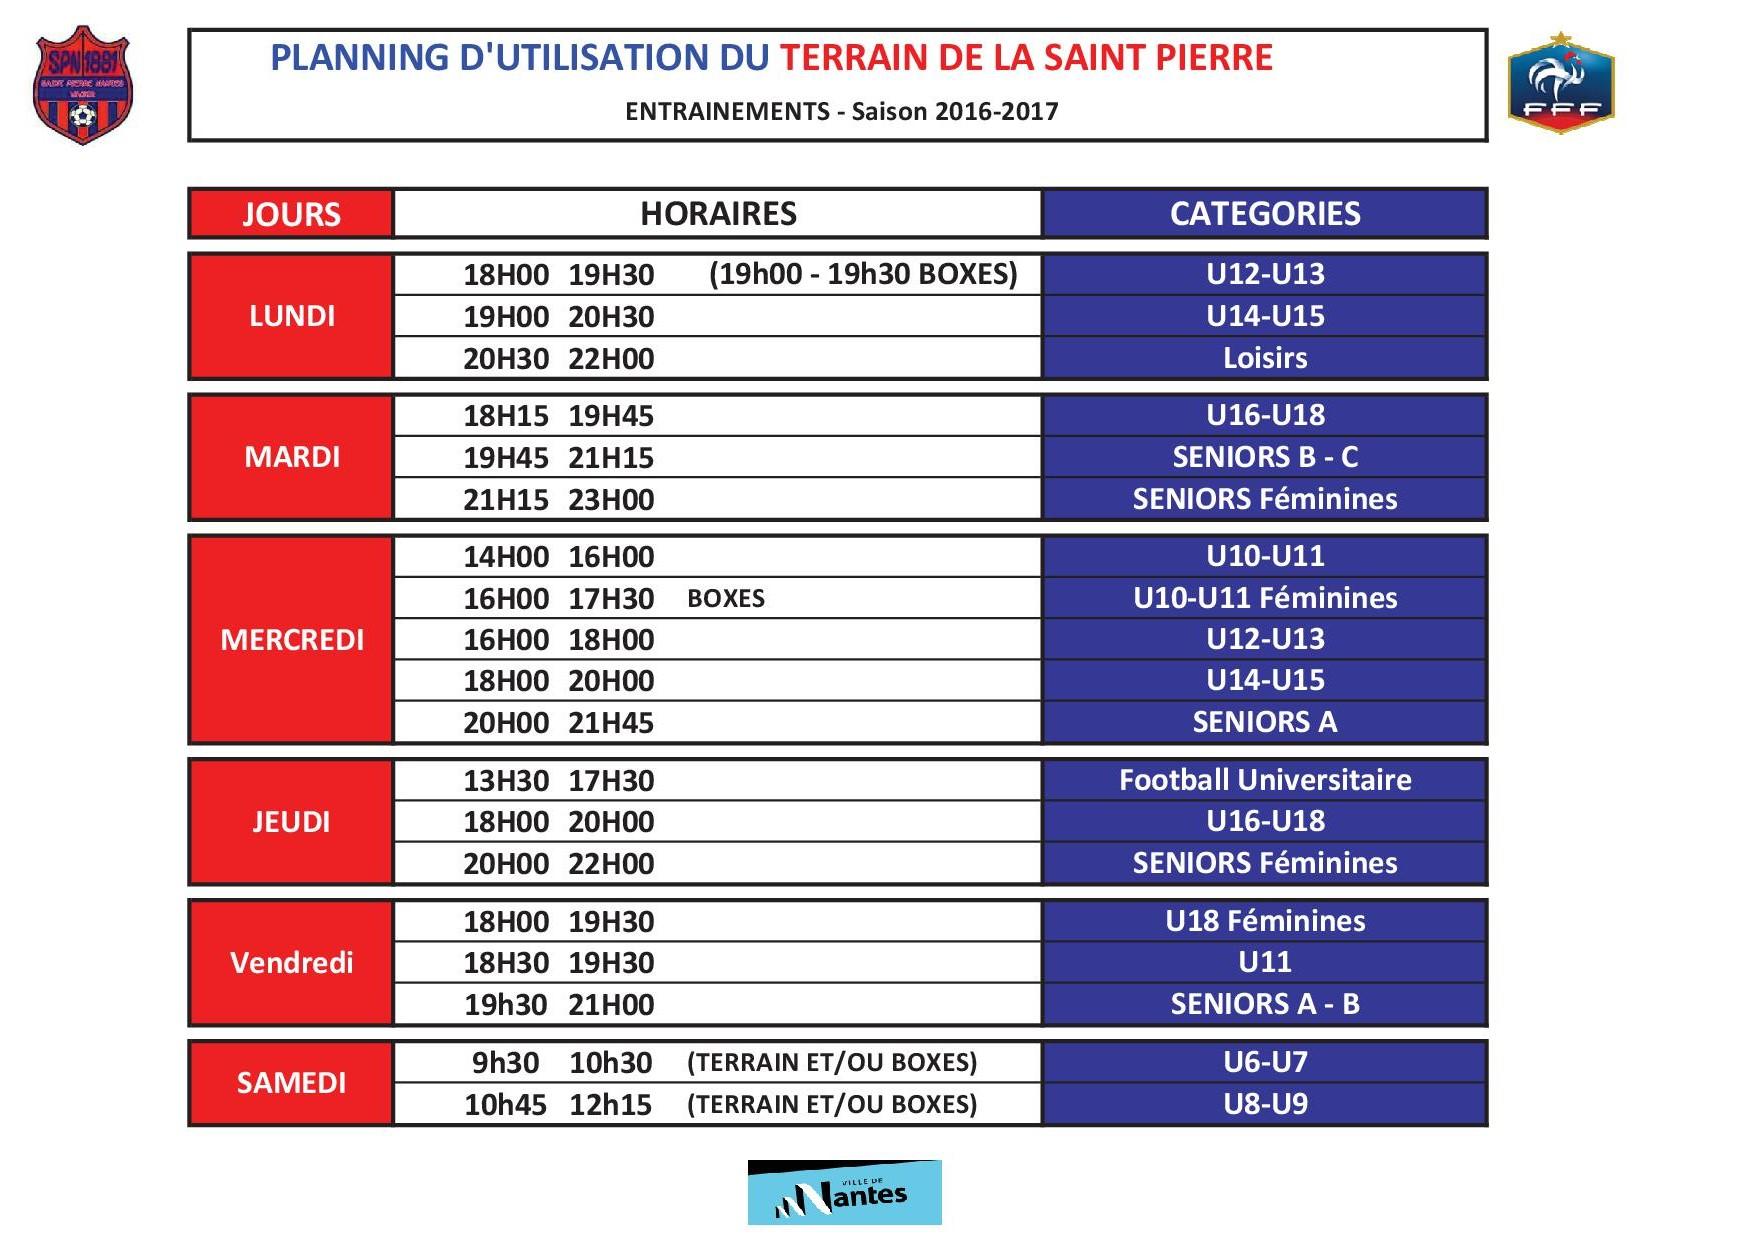 Planning entrainement Saison 2016-2017